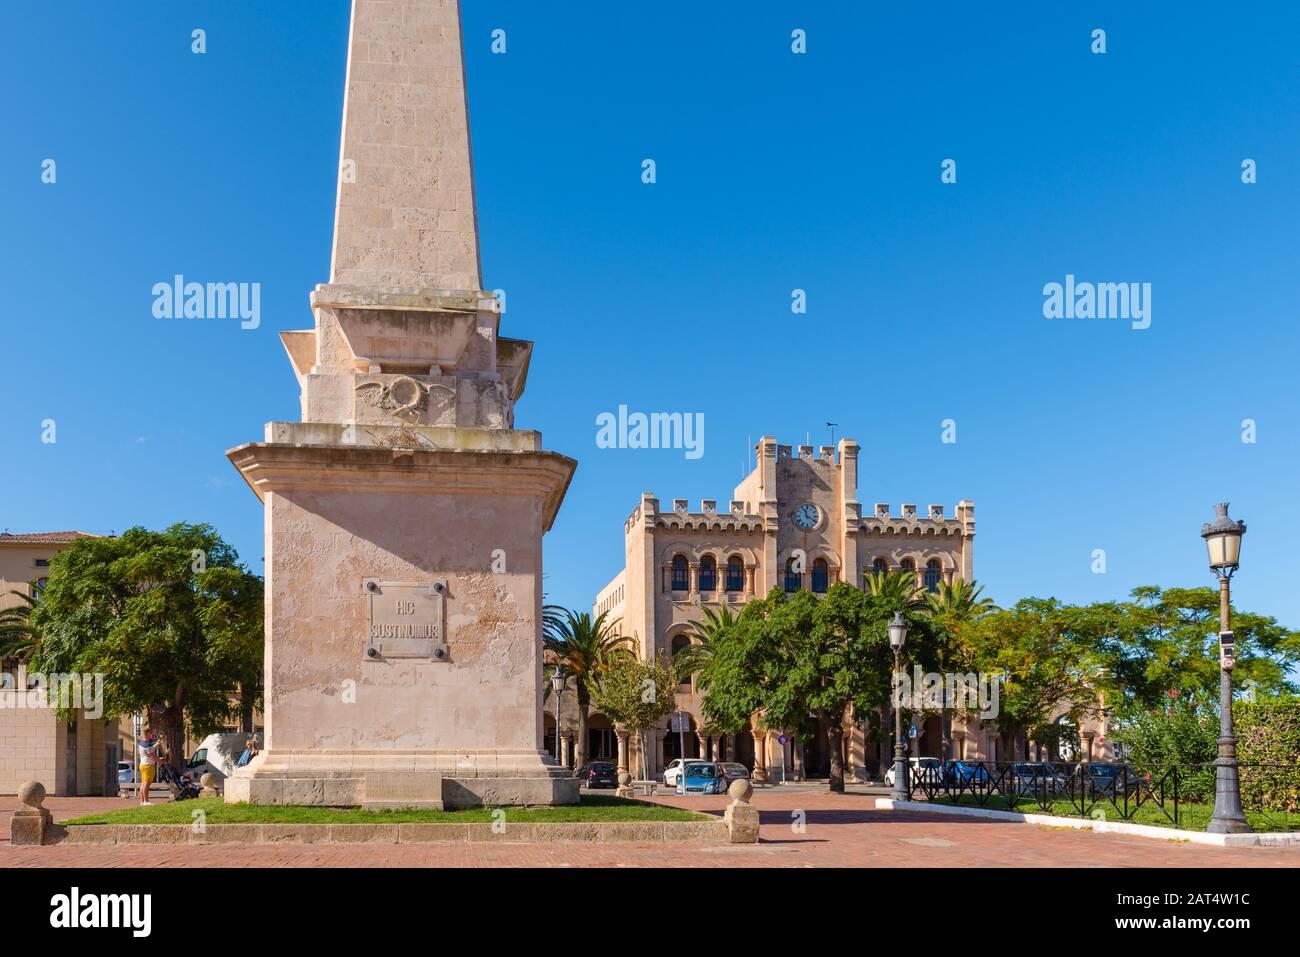 Menorca, Spanien - 15. Oktober 2019: Obelisk und Rathaus am Hauptplatz von Ciutadella auf Menorca Stockfoto